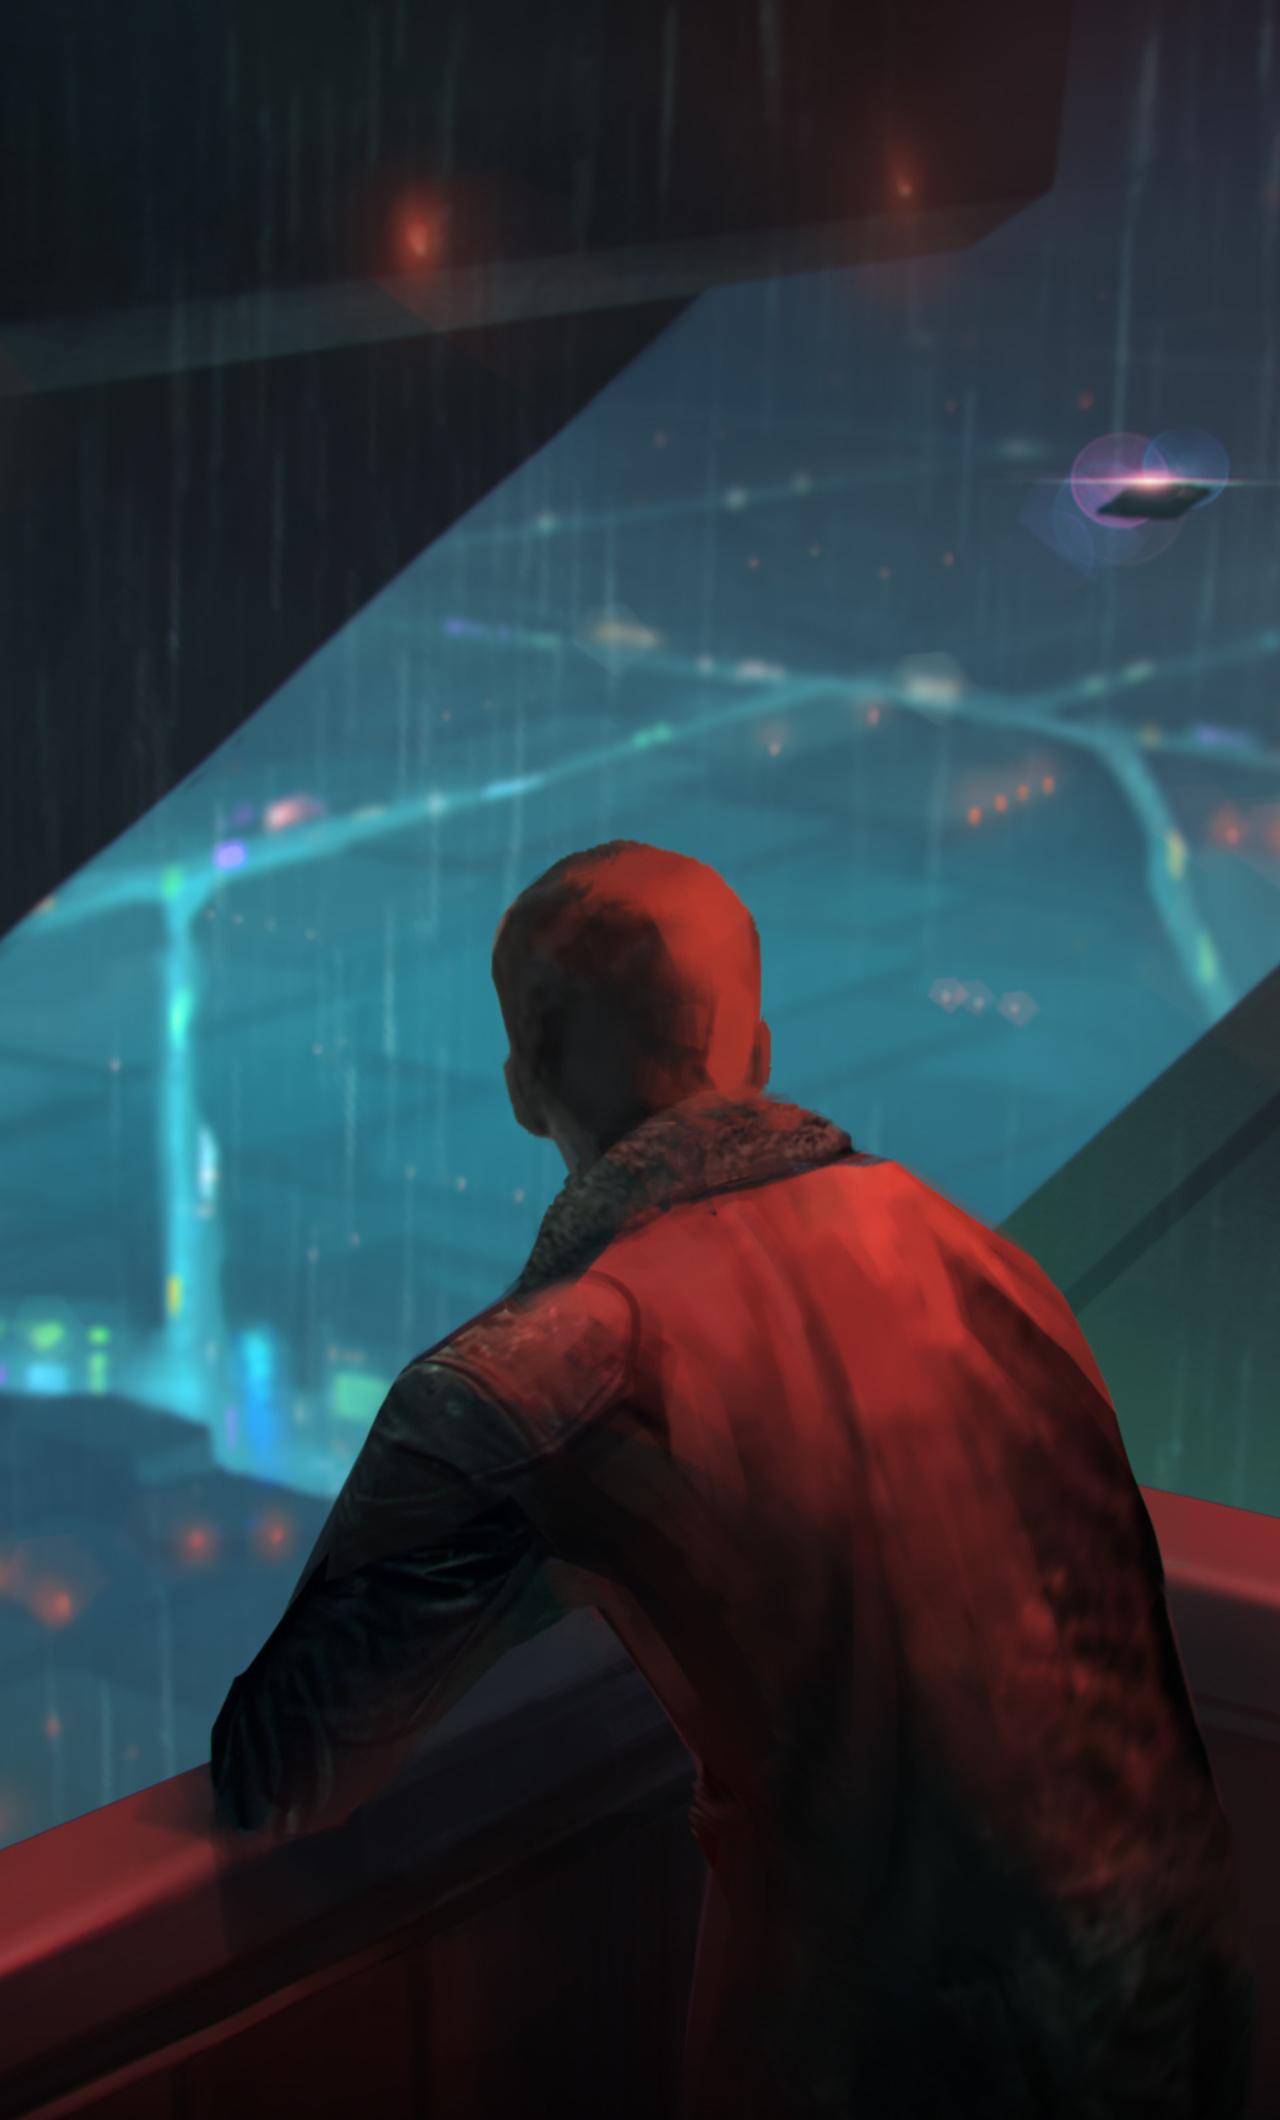 blade-runner-movie-artwork-z9.jpg